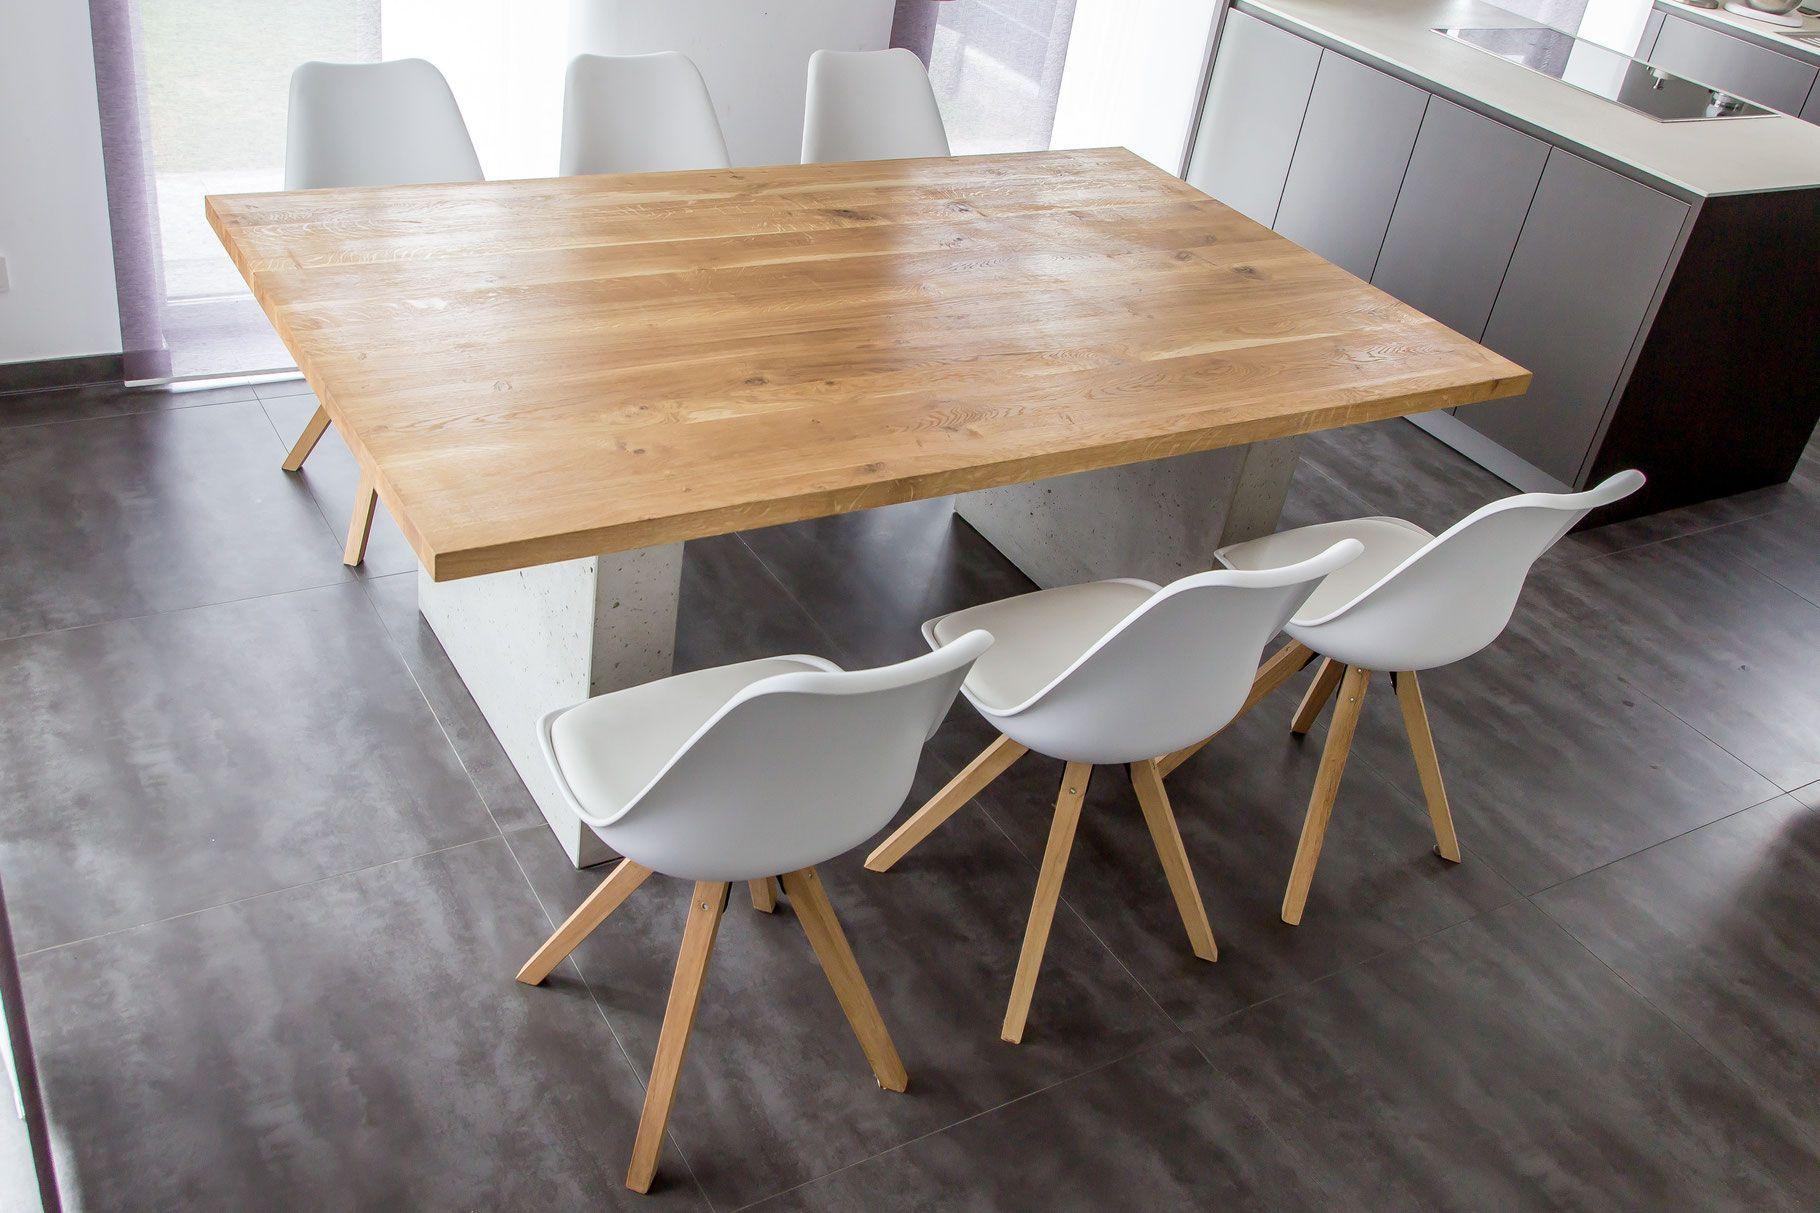 Tisch Aus Eiche Mit Betonwangen Tisch Eiche Massiv Esstisch Schmale Esstische